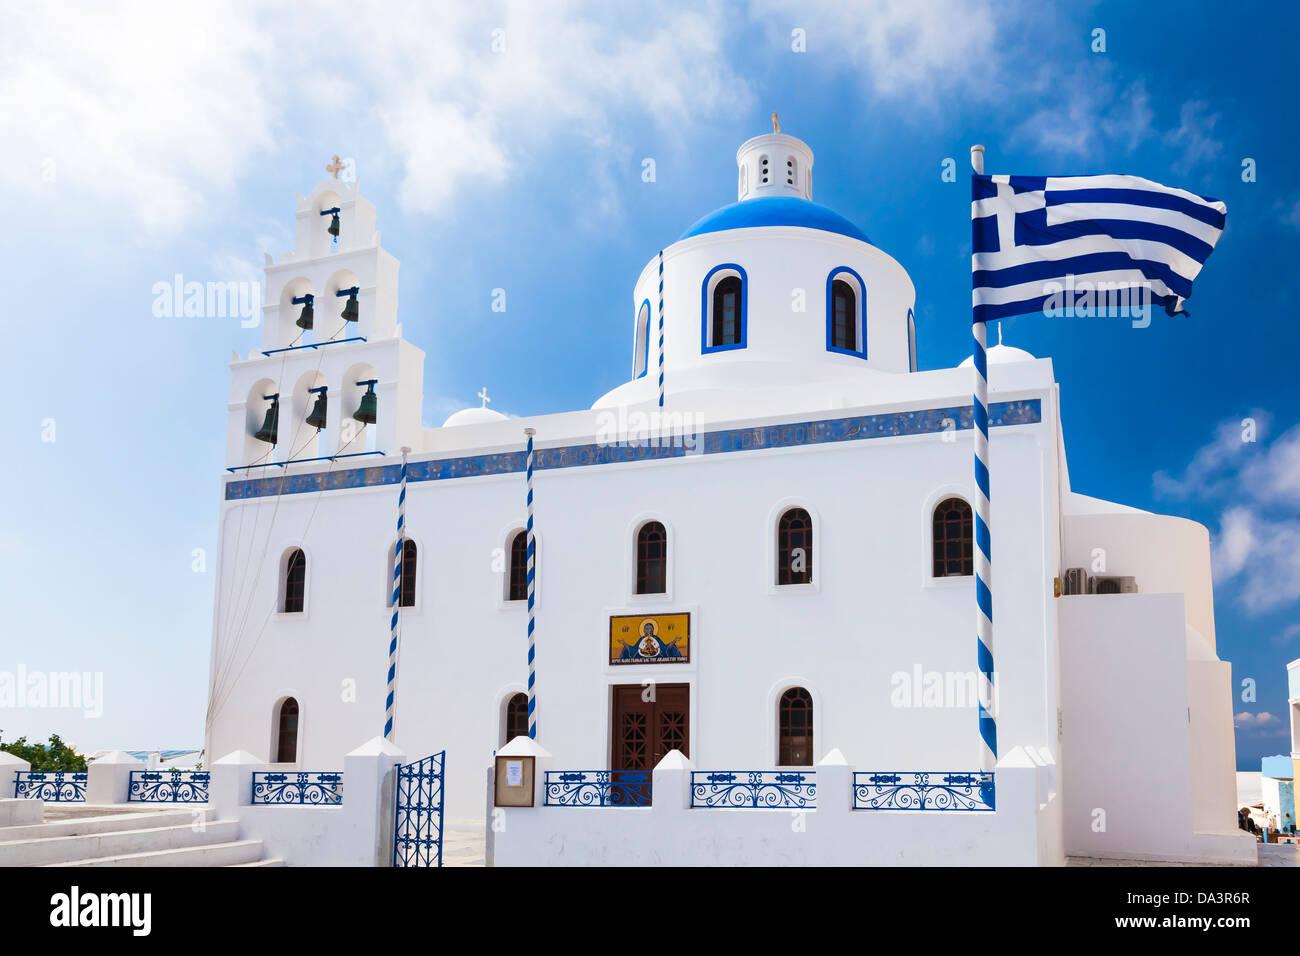 Eglise grecque orthodoxe dans la ville de Oia Santorini Grèce Europe Photo Stock